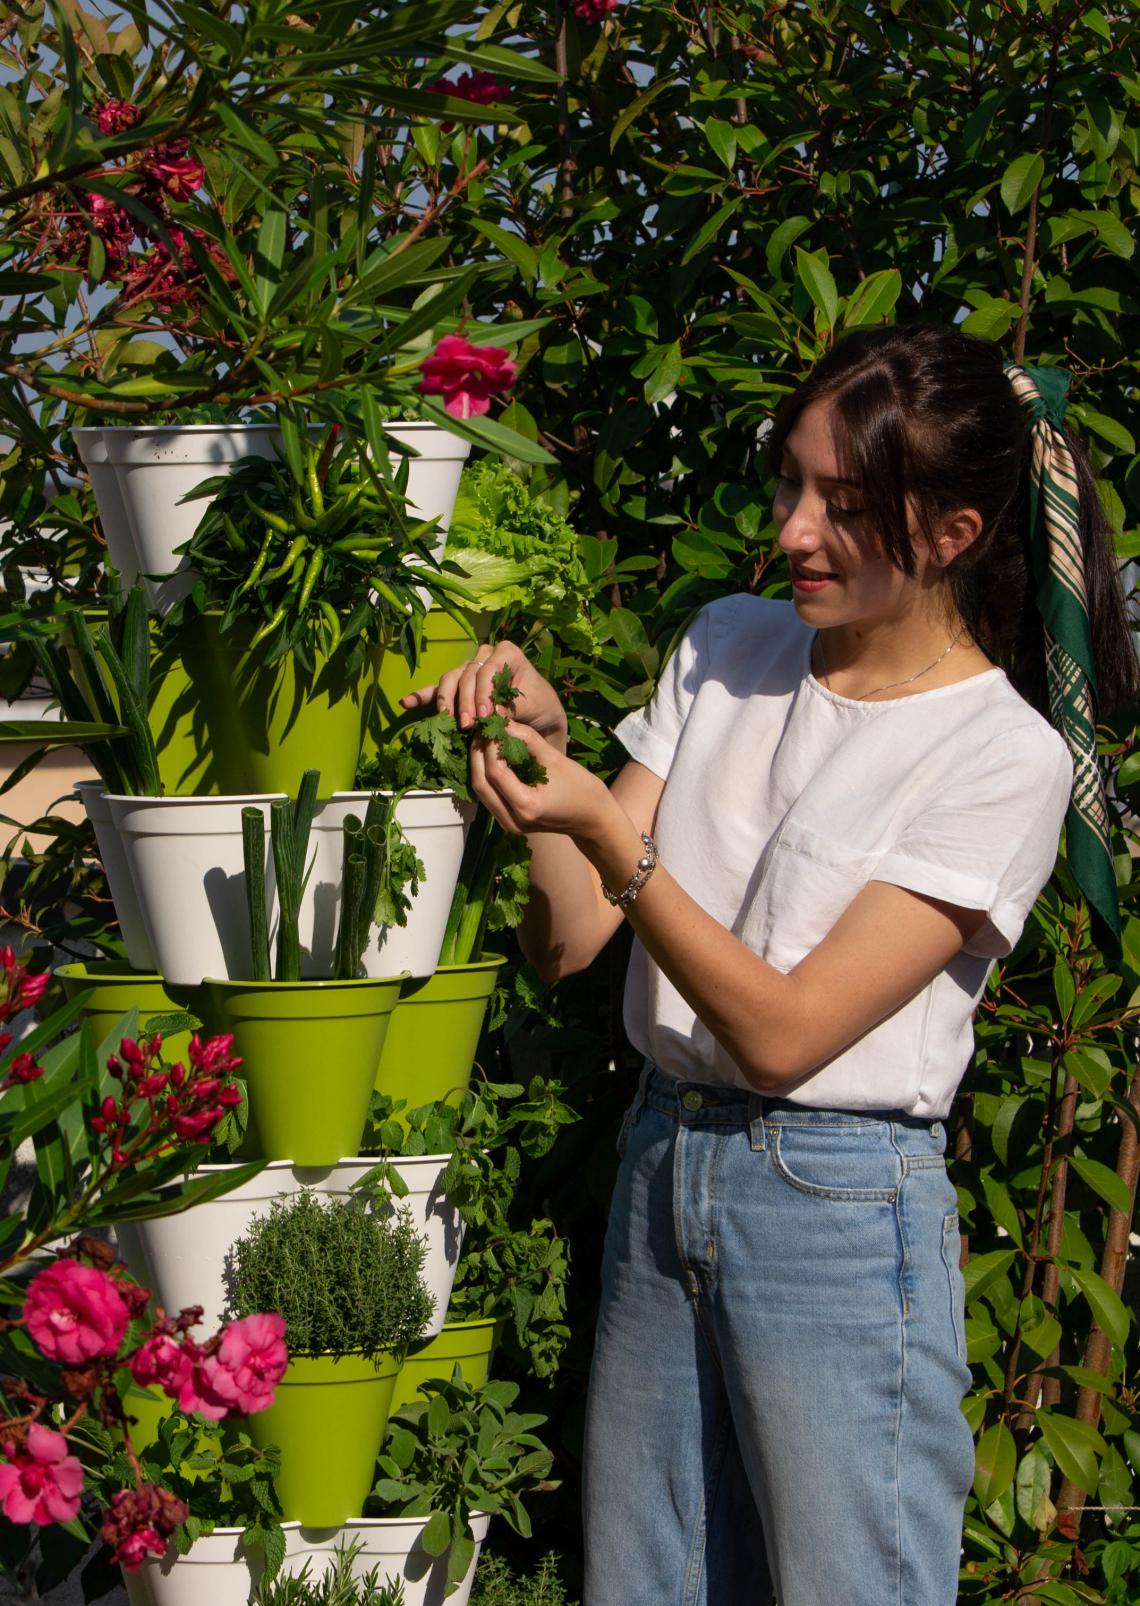 Spring is coming: l'urban farming torna ad essere una tendenza anche nel 2021